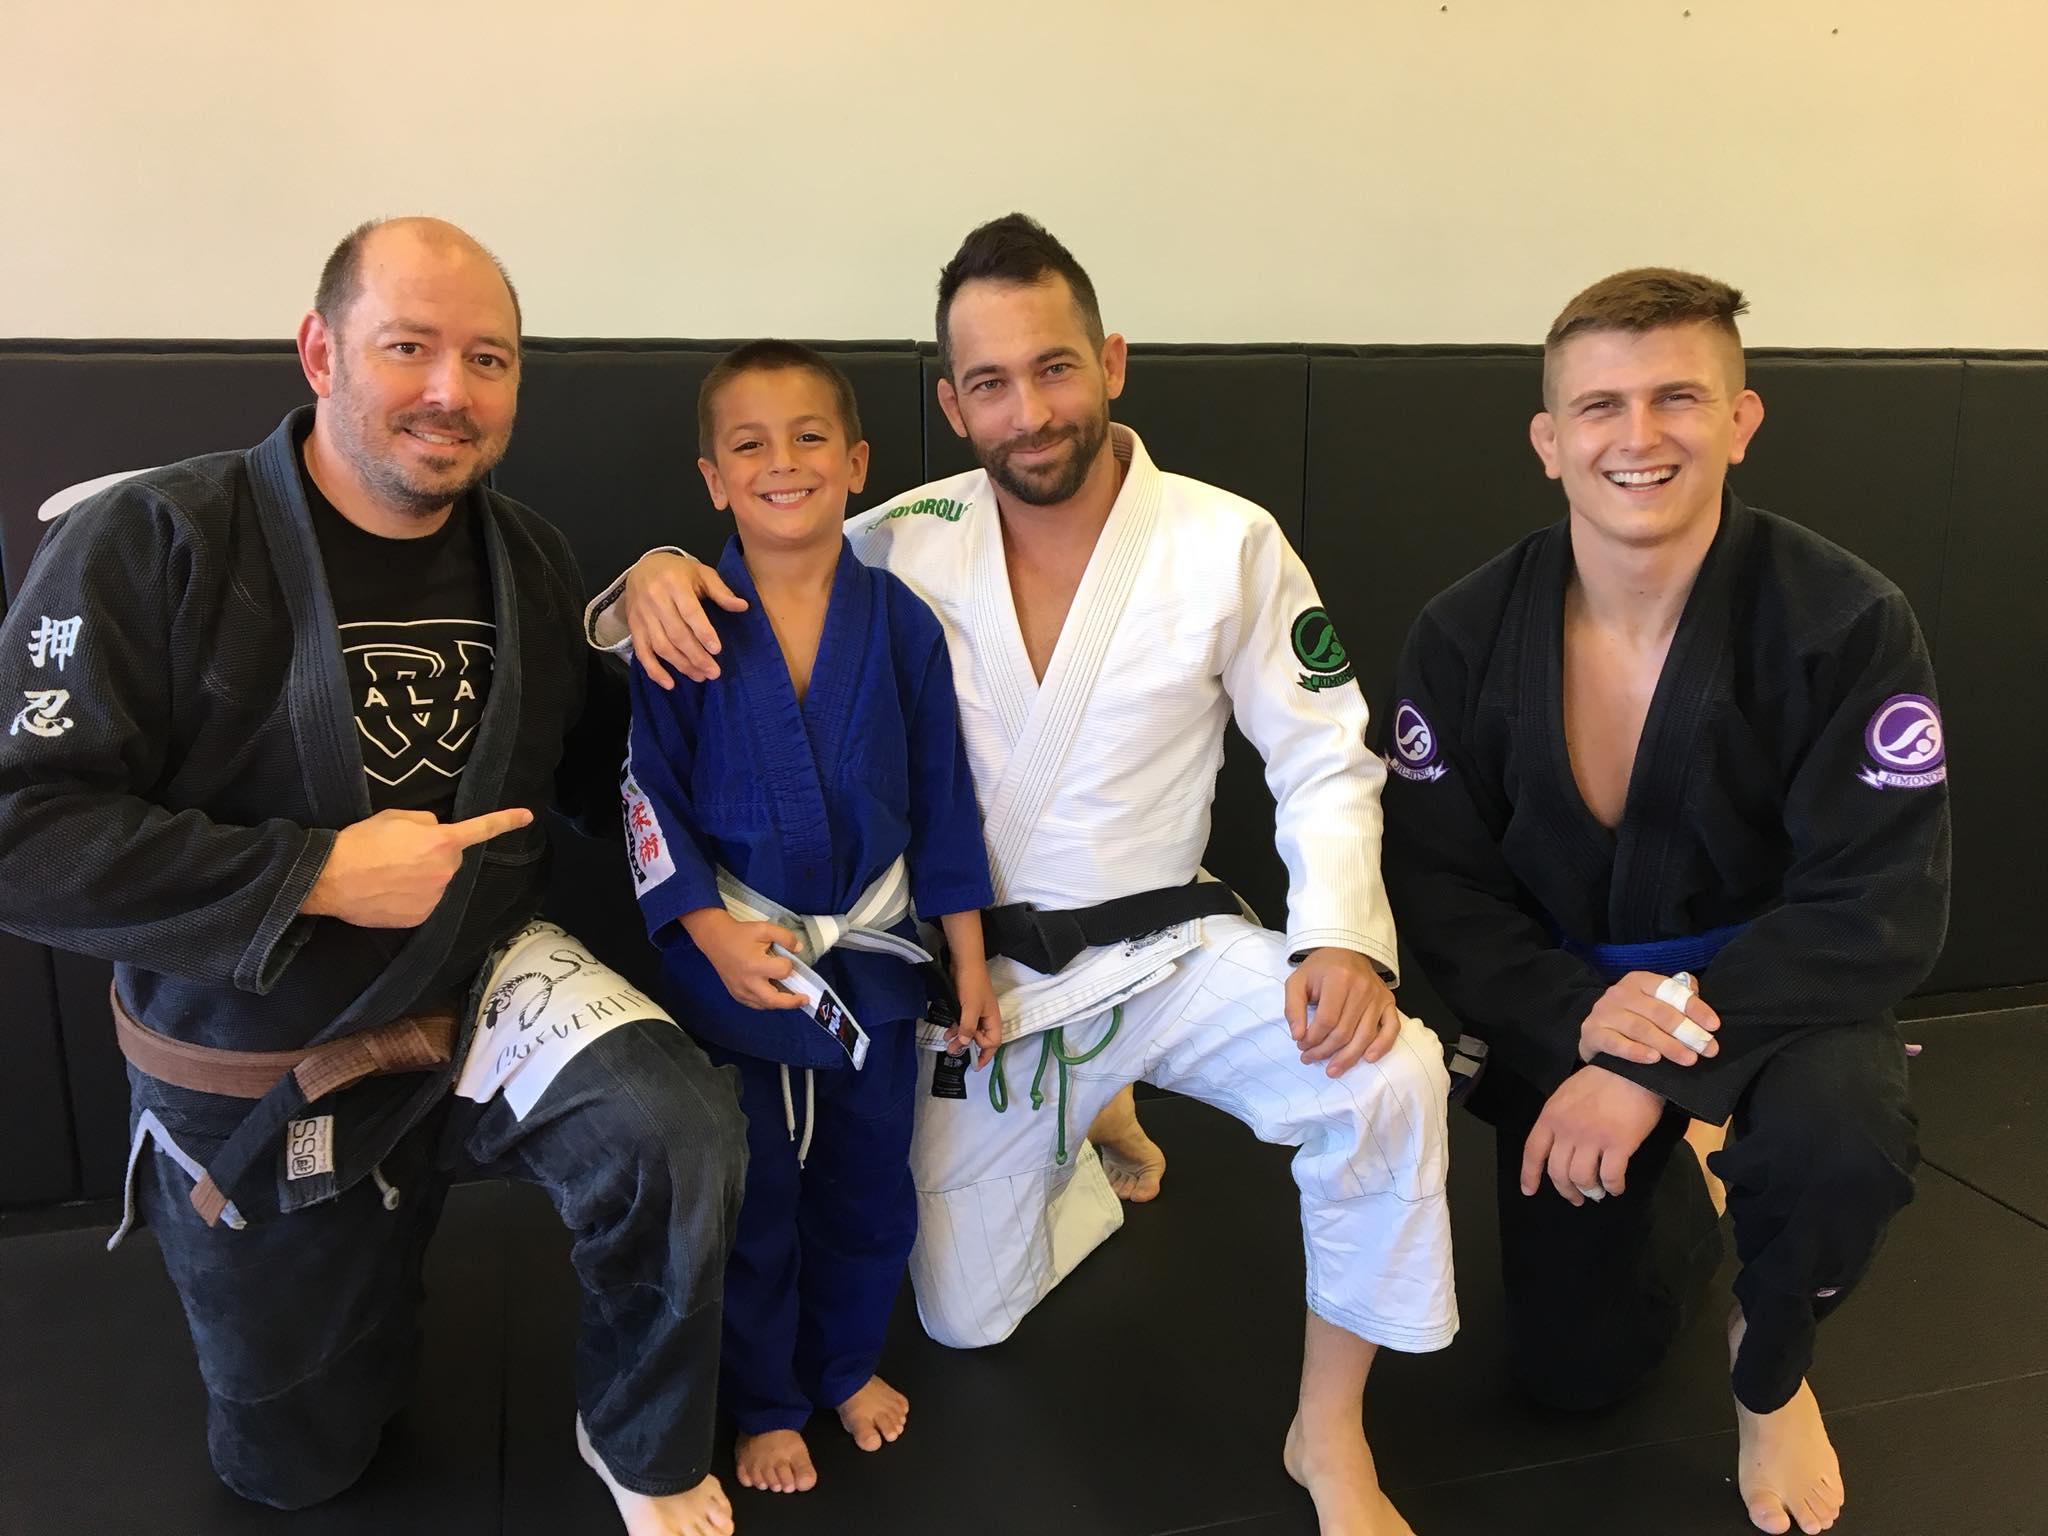 Kids Jiu Jitsu Dean Promotion